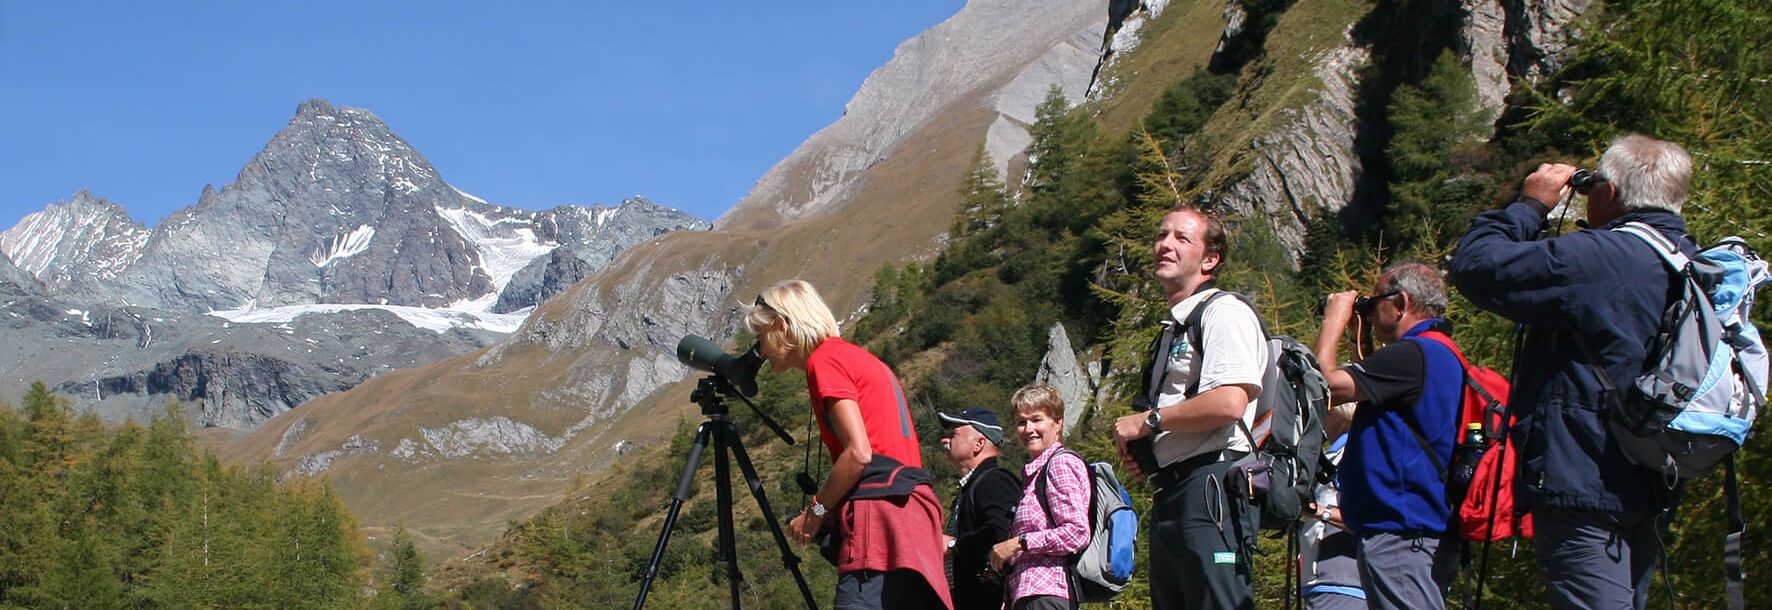 Nationalparkregion Hohe Tauern in Osttirol